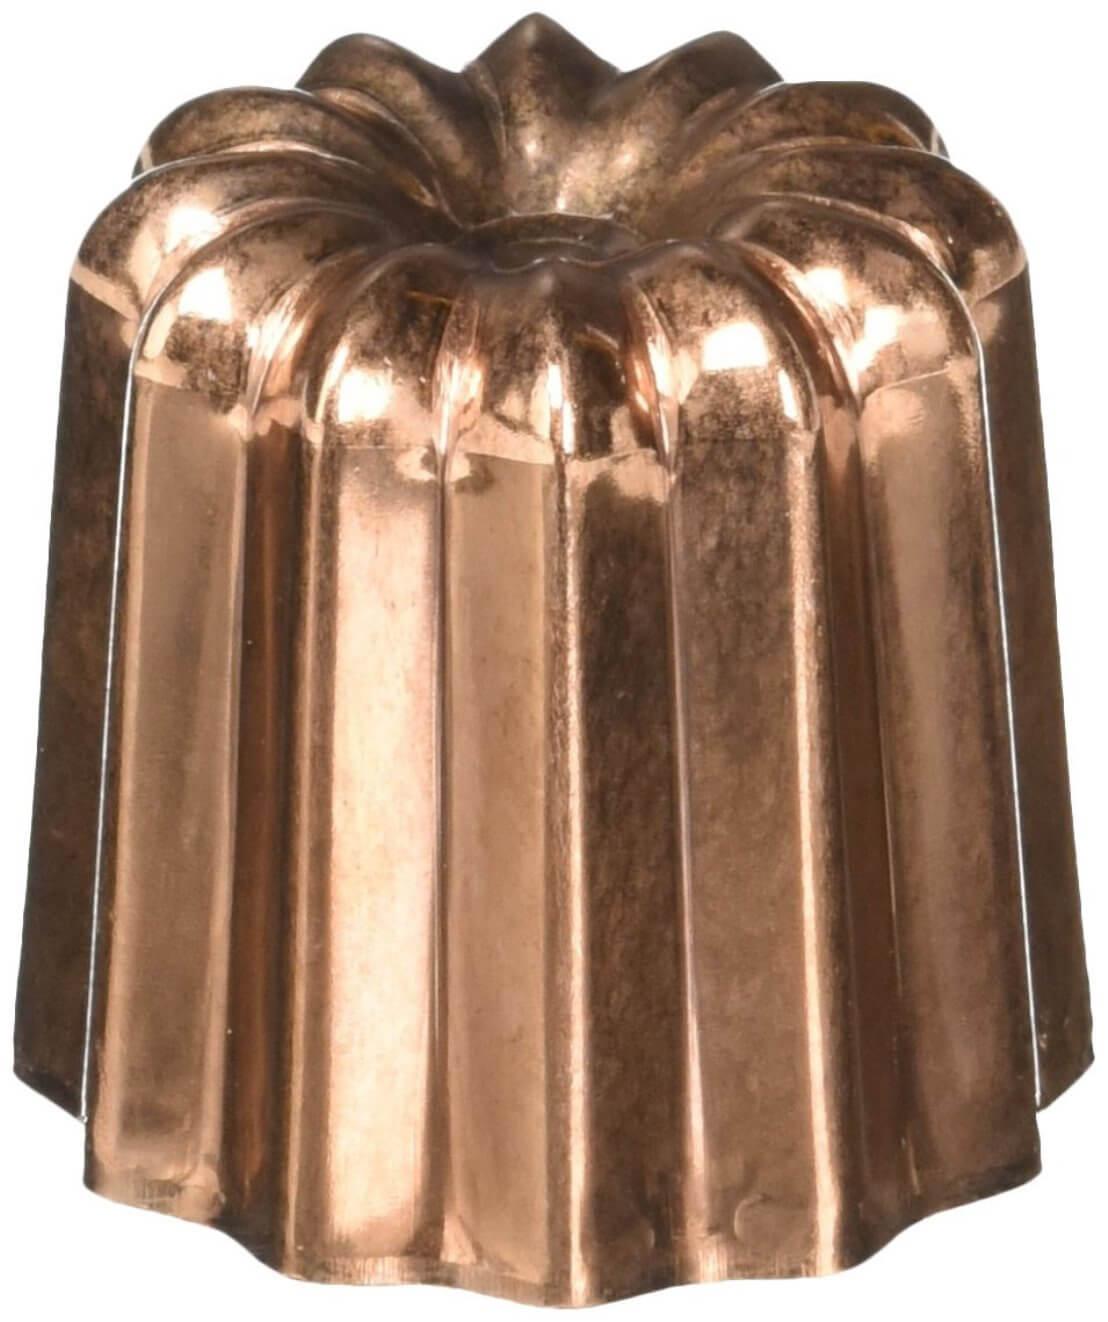 Онлайн каталог PROMENU: Форма для выпечки de Buyer Pastry, объем 100 мл, диаметр 5,5 см, высота 5,2 см De Buyer 6820.55